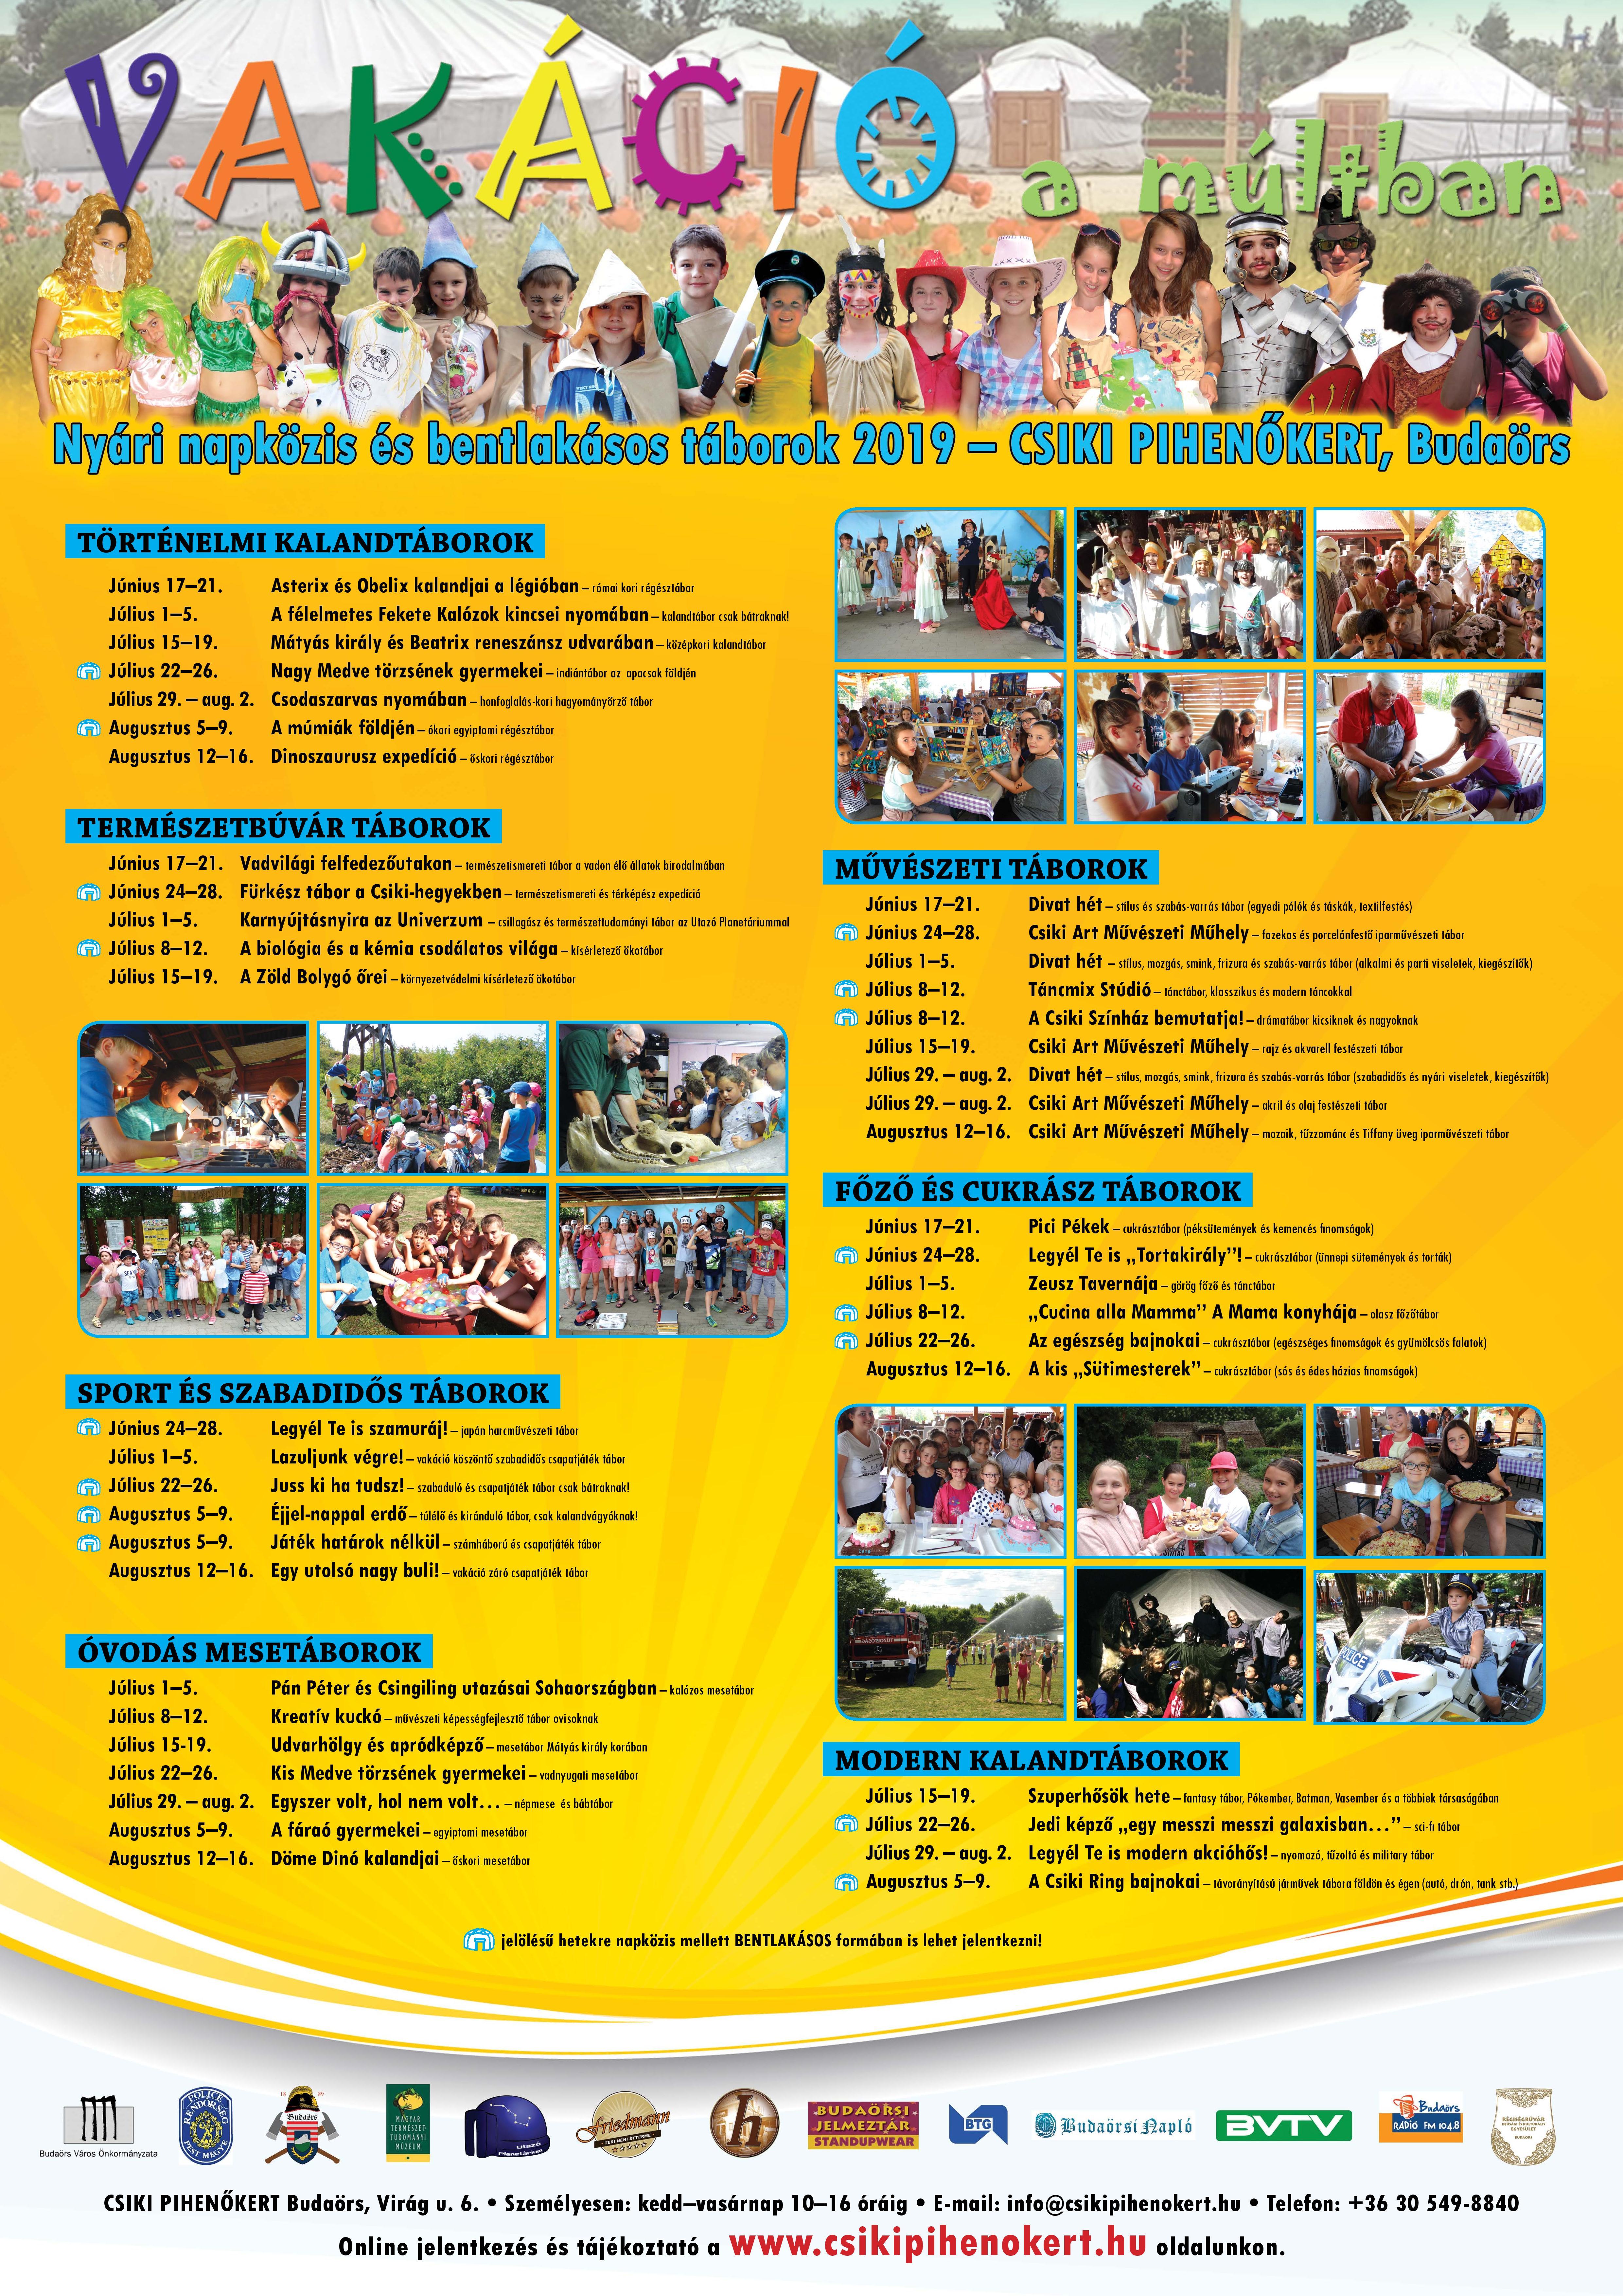 2019-es nyári tábor kínálatunkban, igyekeztünk az óvodás és iskolás korosztályoknak egyaránt izgalmas, játkékos és tanulmányi élményben gazdag táborokokat összeállítani.